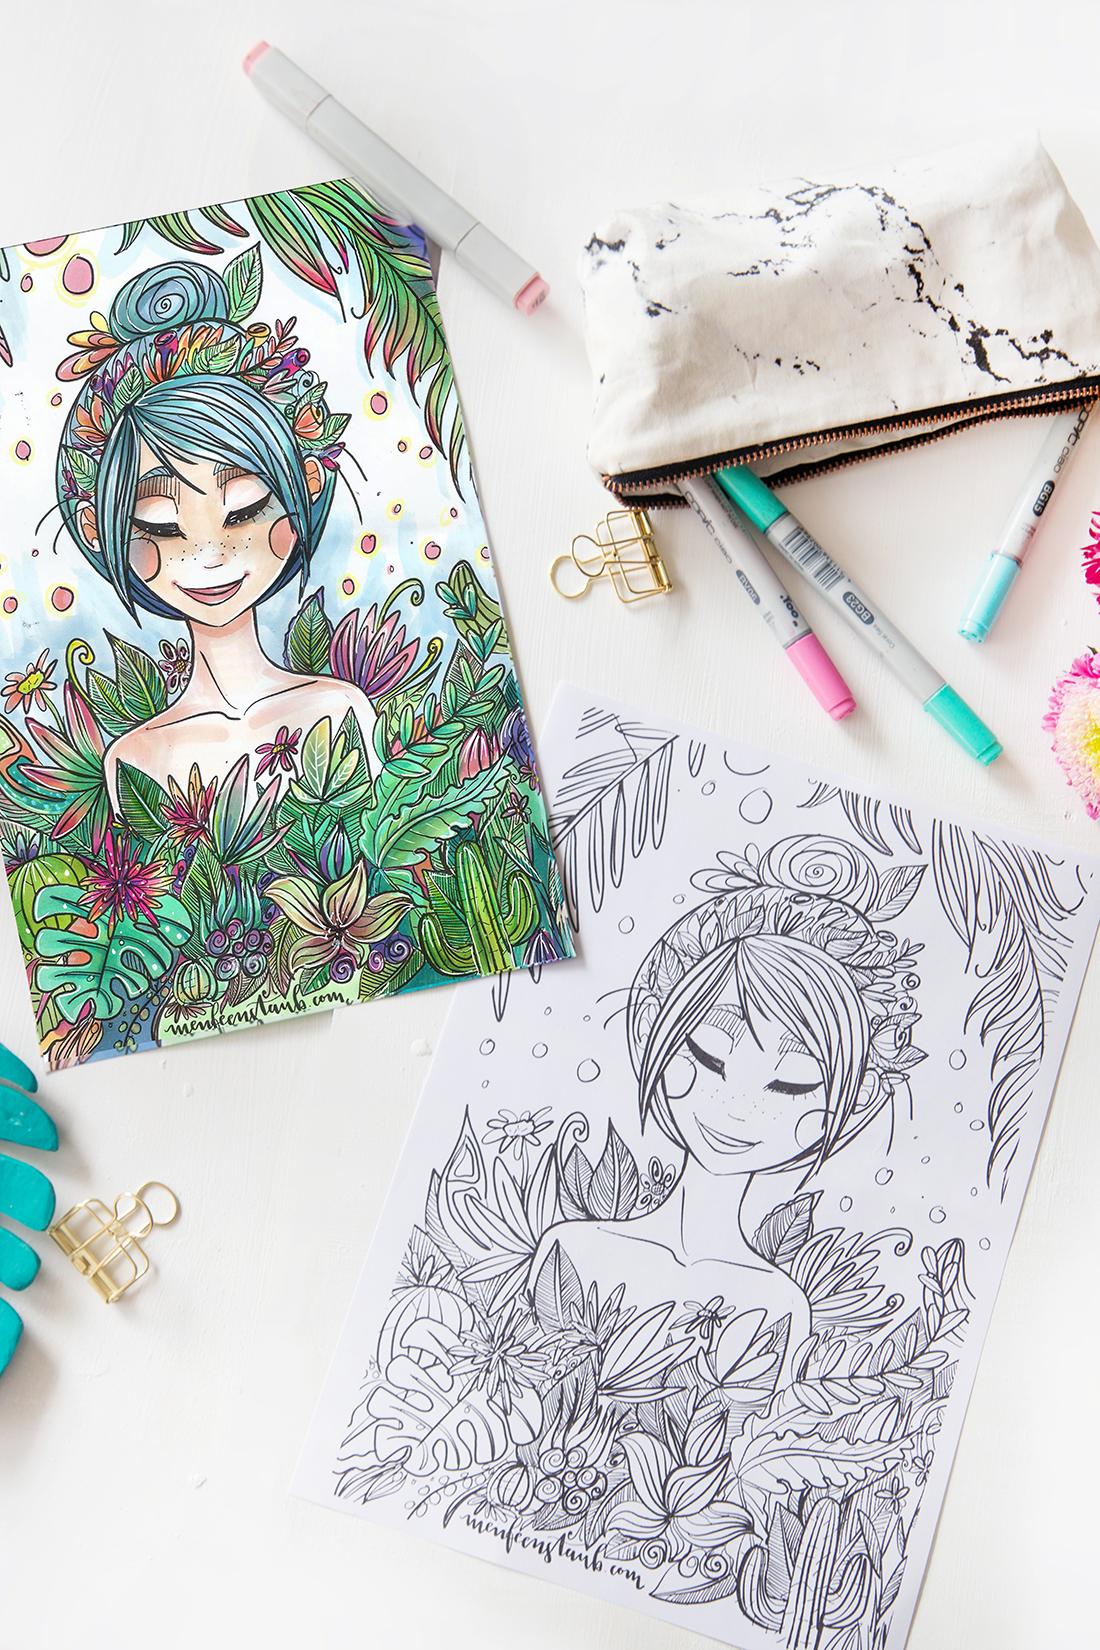 Malen & Zeichnen: Kreatives Ausmalbild für euch | mit Malvorlage ...